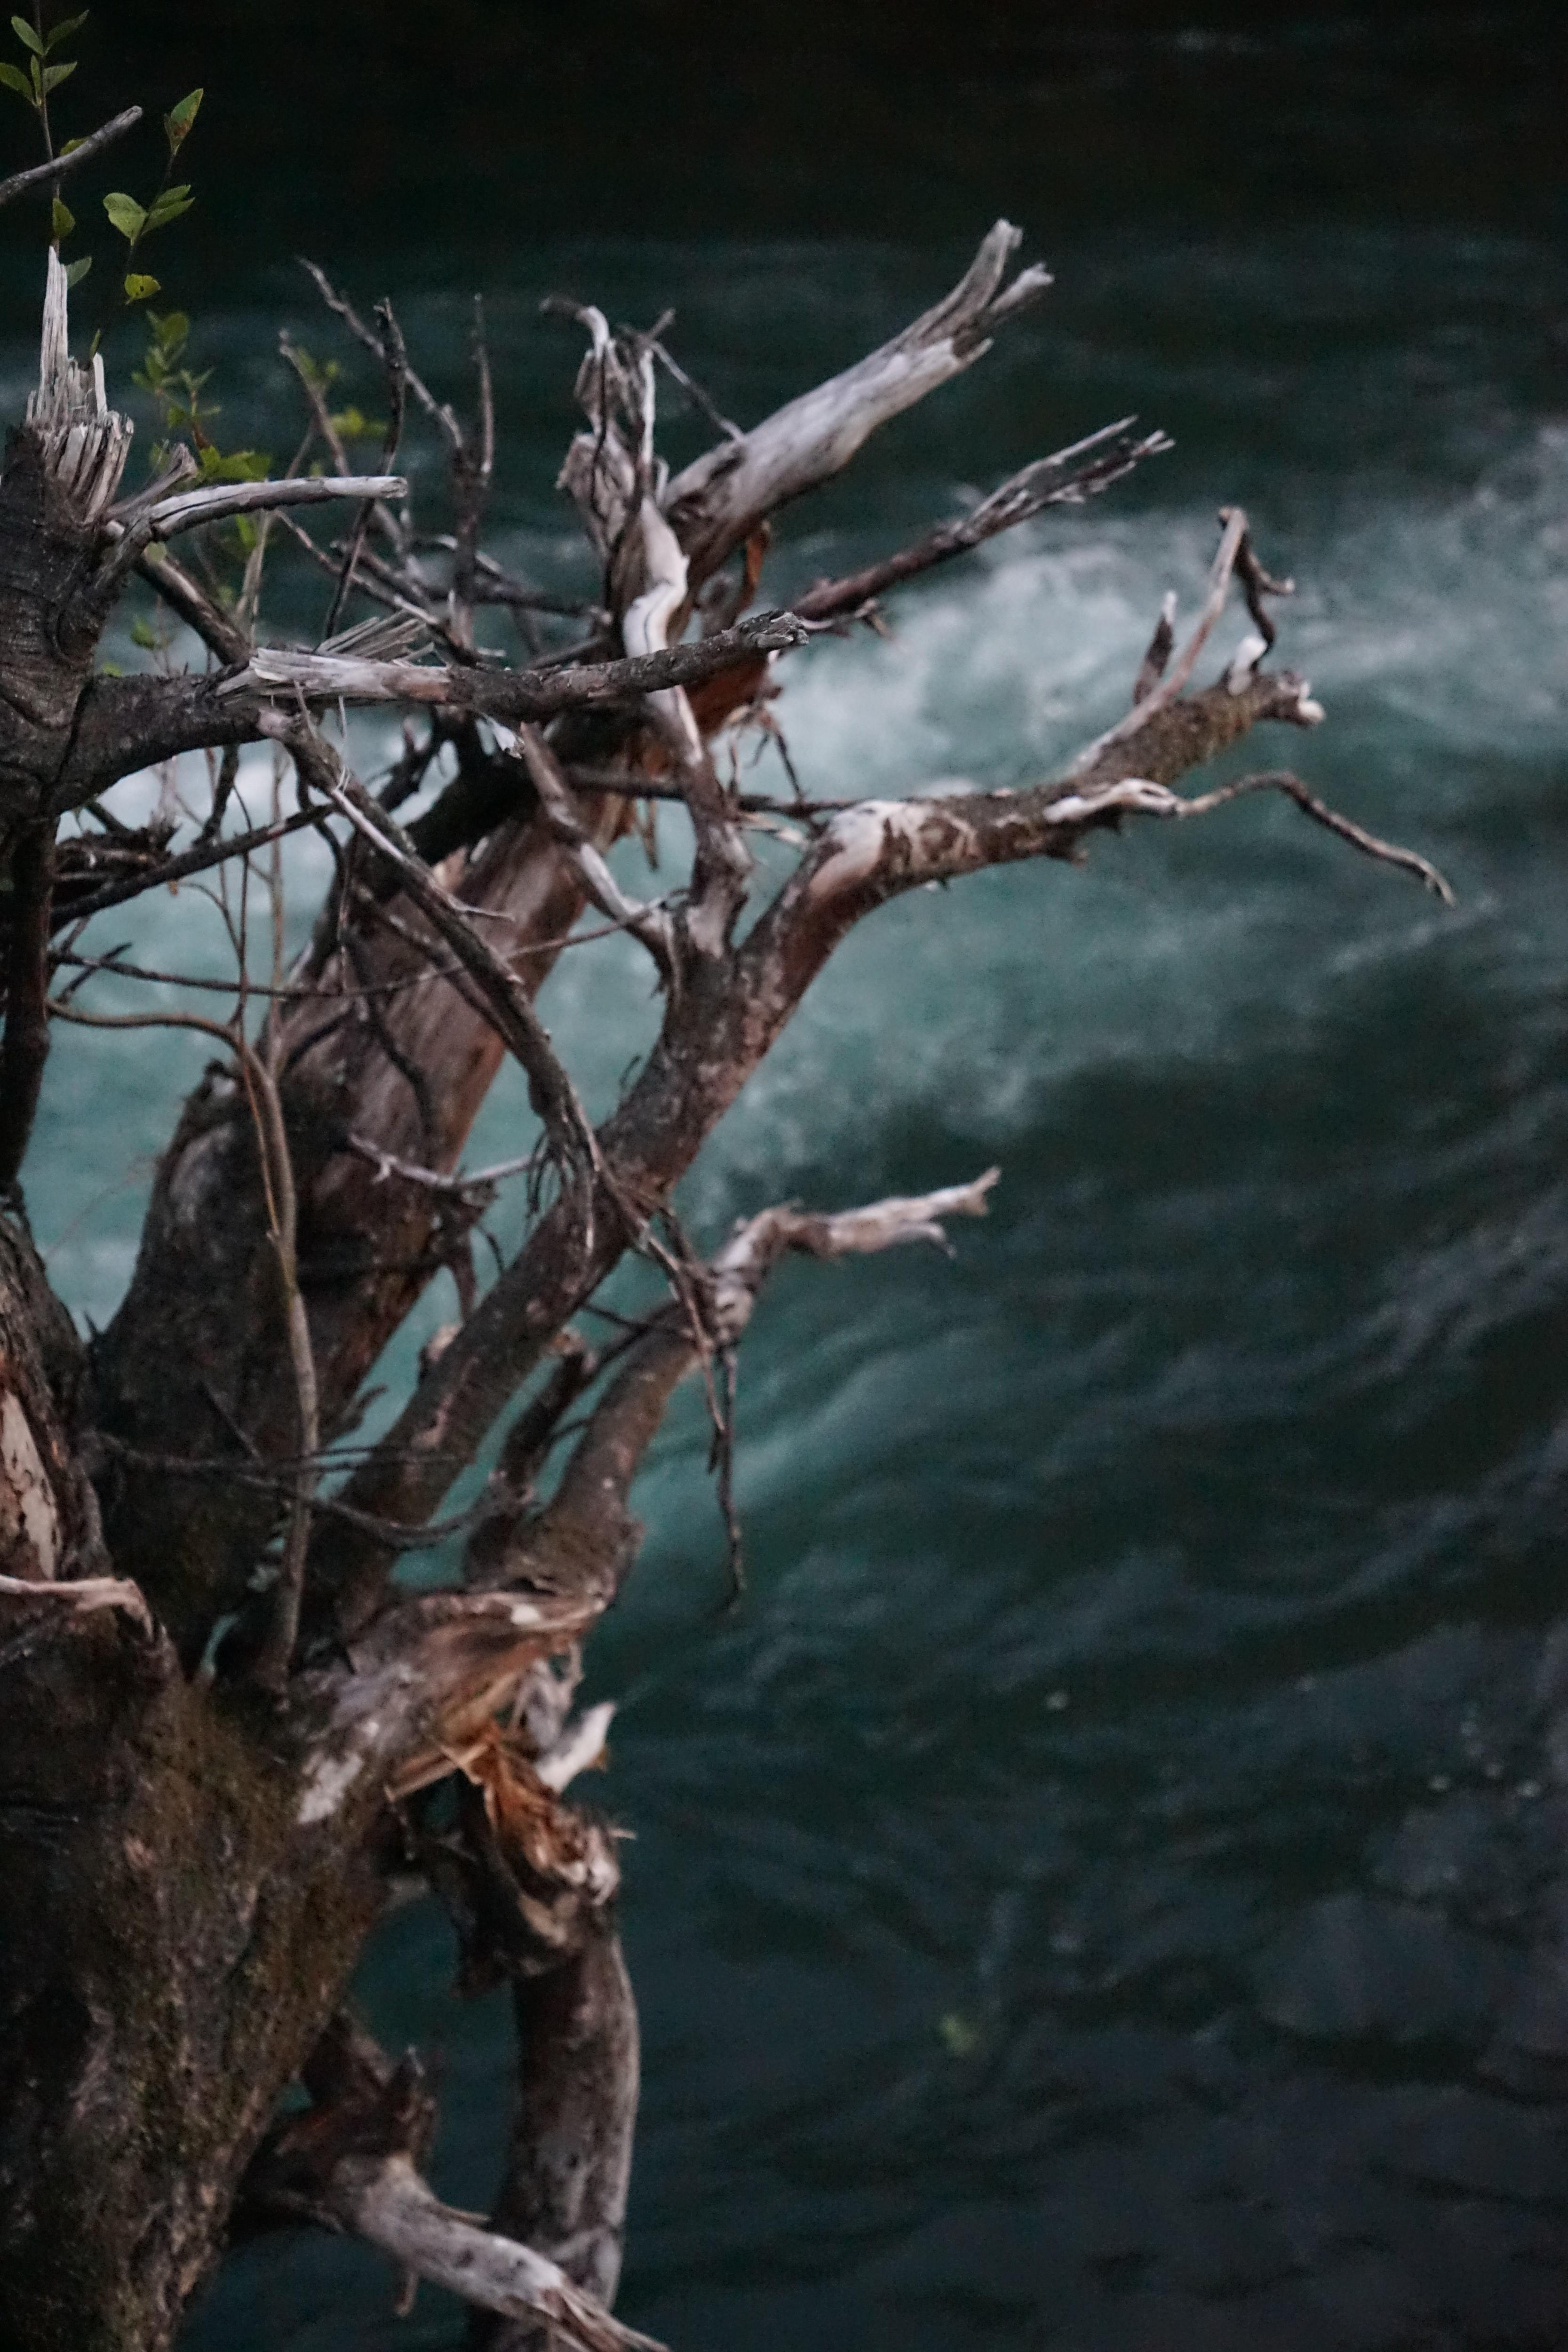 glacier, run off, glacier water, white salmon, columbia river gorge